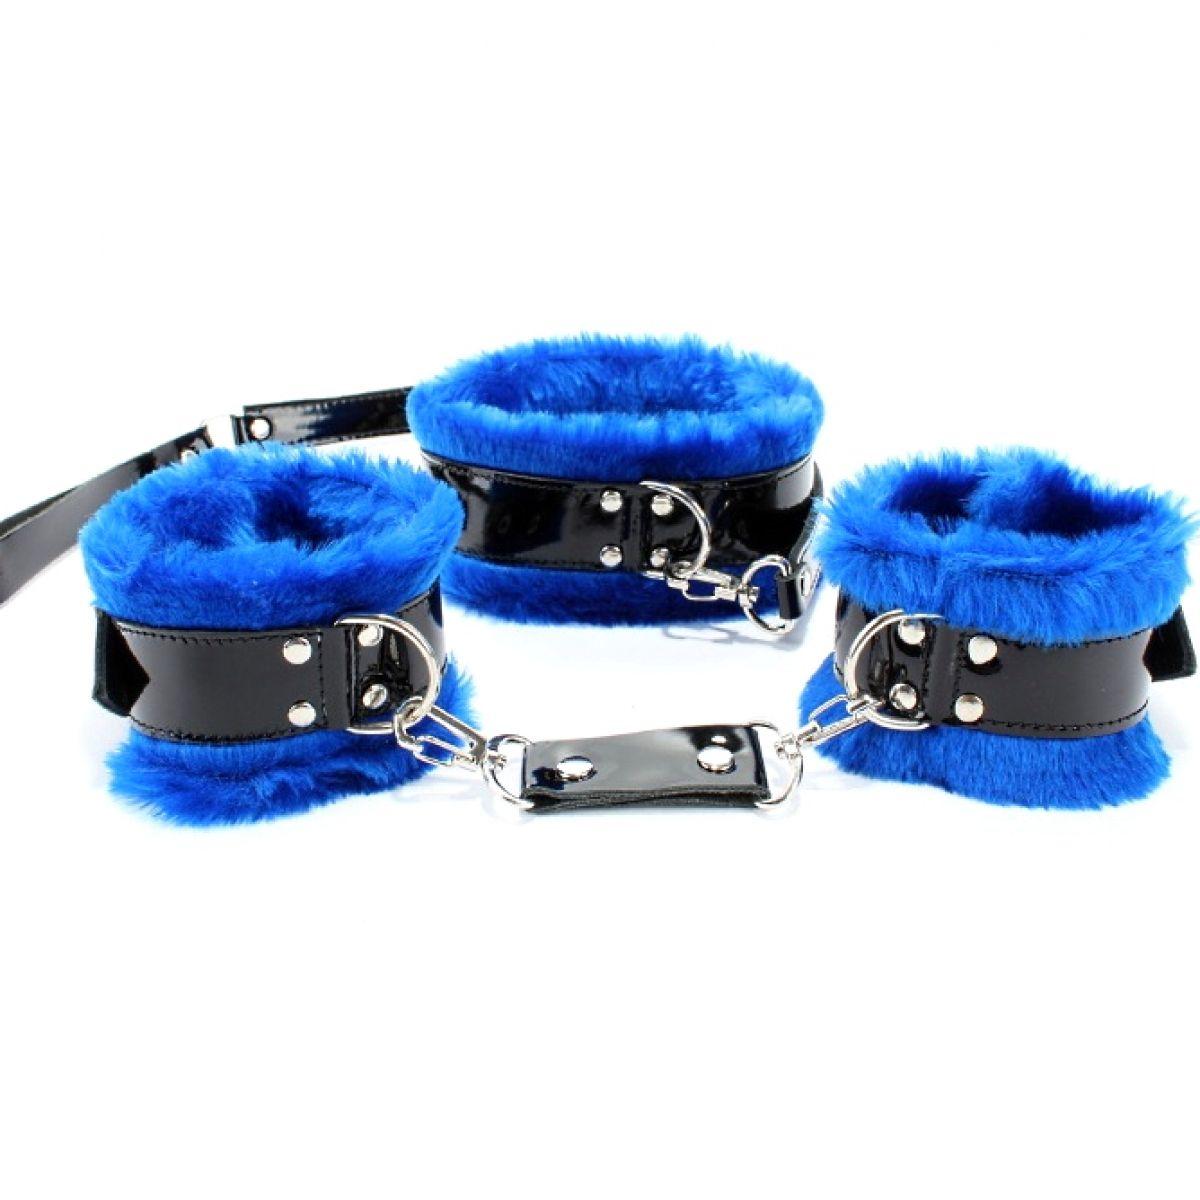 Набор фиксаторов (ошейник, поводок, оковы) из лакированной кожи с ярко-синим мехом